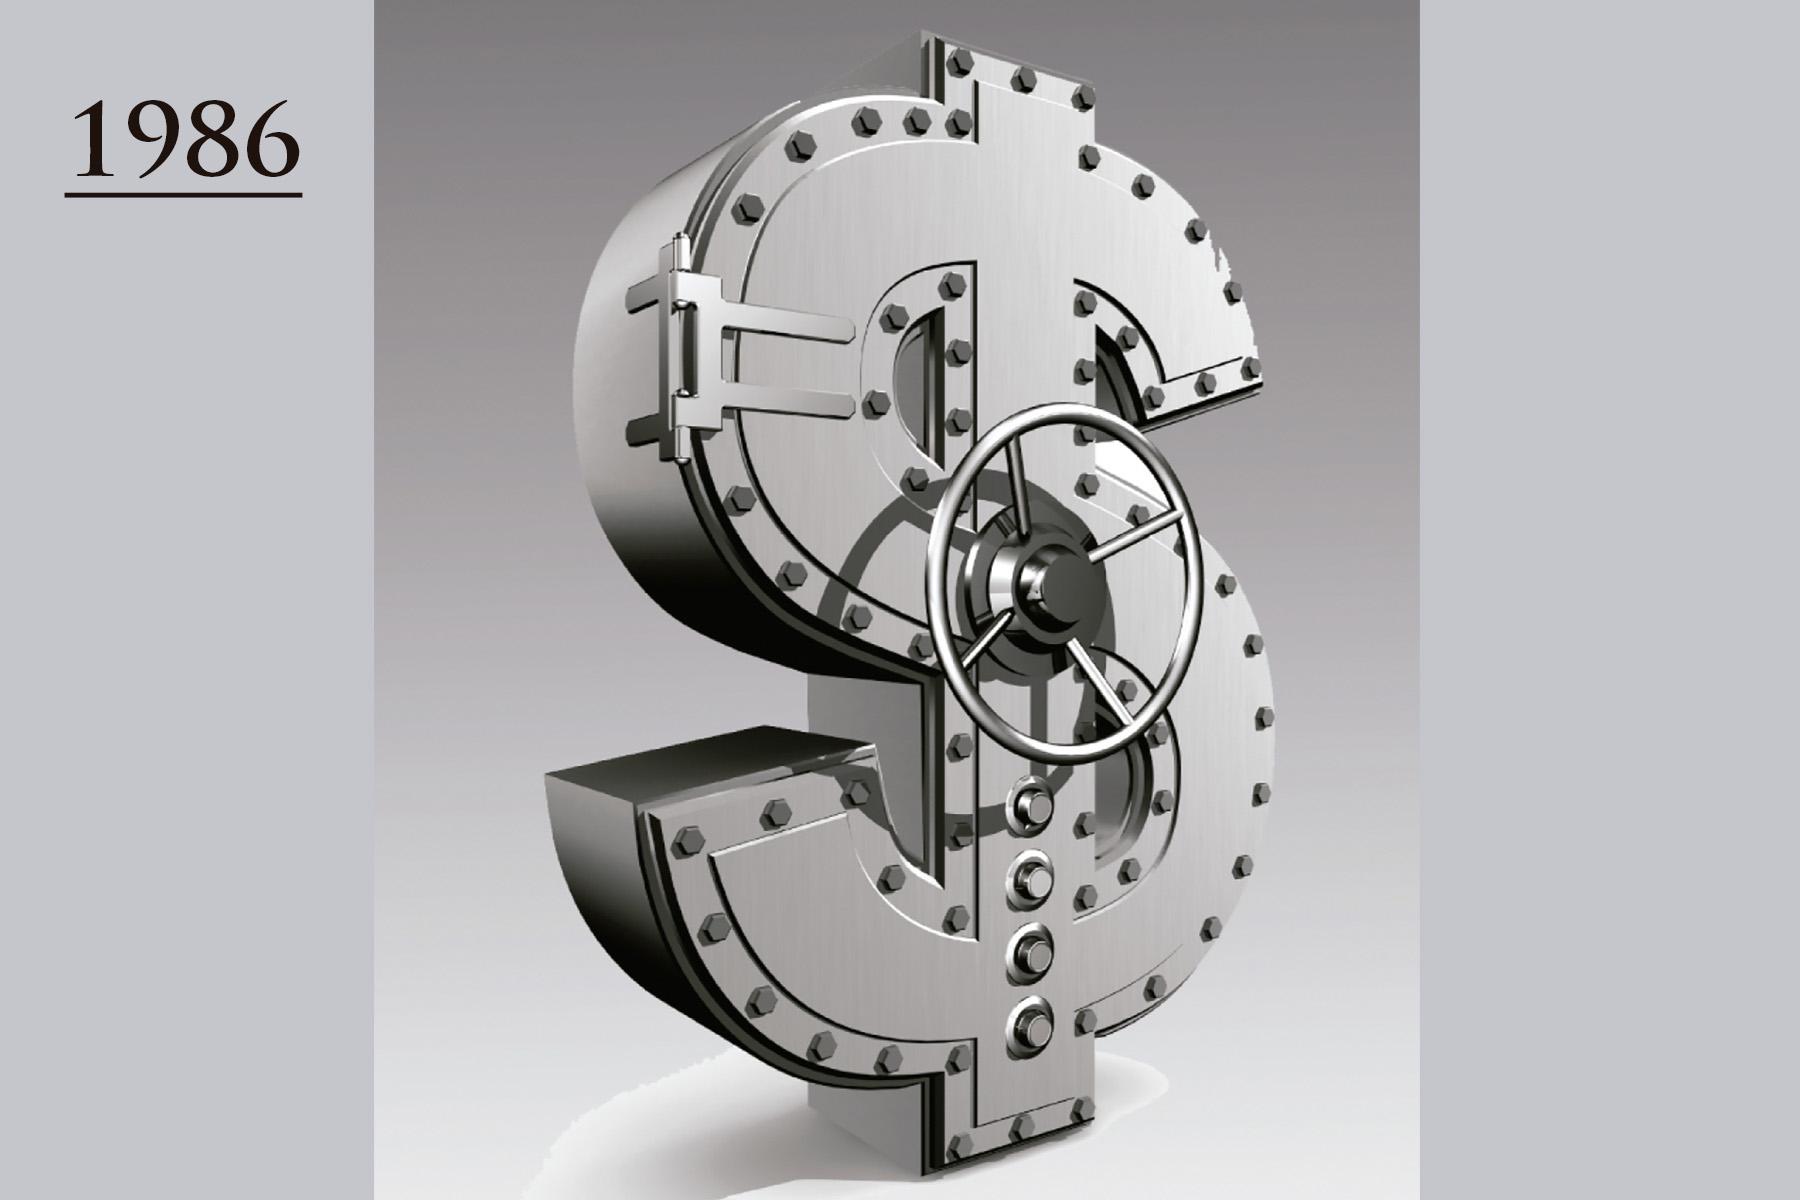 """En cumplimiento a lo dispuesto por la Ley Reglamentaria del Servicio Público de Banca y Crédito de 1984, el Gobierno Federal constituyó el en Banco de México el """"Fondo de Apoyo Preventivo a las Instituciones de Banca Múltiple"""" (Fonapre), para realizar operaciones preventivas de apoyo a la estabilidad financiera de los bancos y evitar que los problemas pudieran afectar el pago oportuno de los créditos a su cargo. El fondo se integró con aportaciones mensuales de los bancos."""